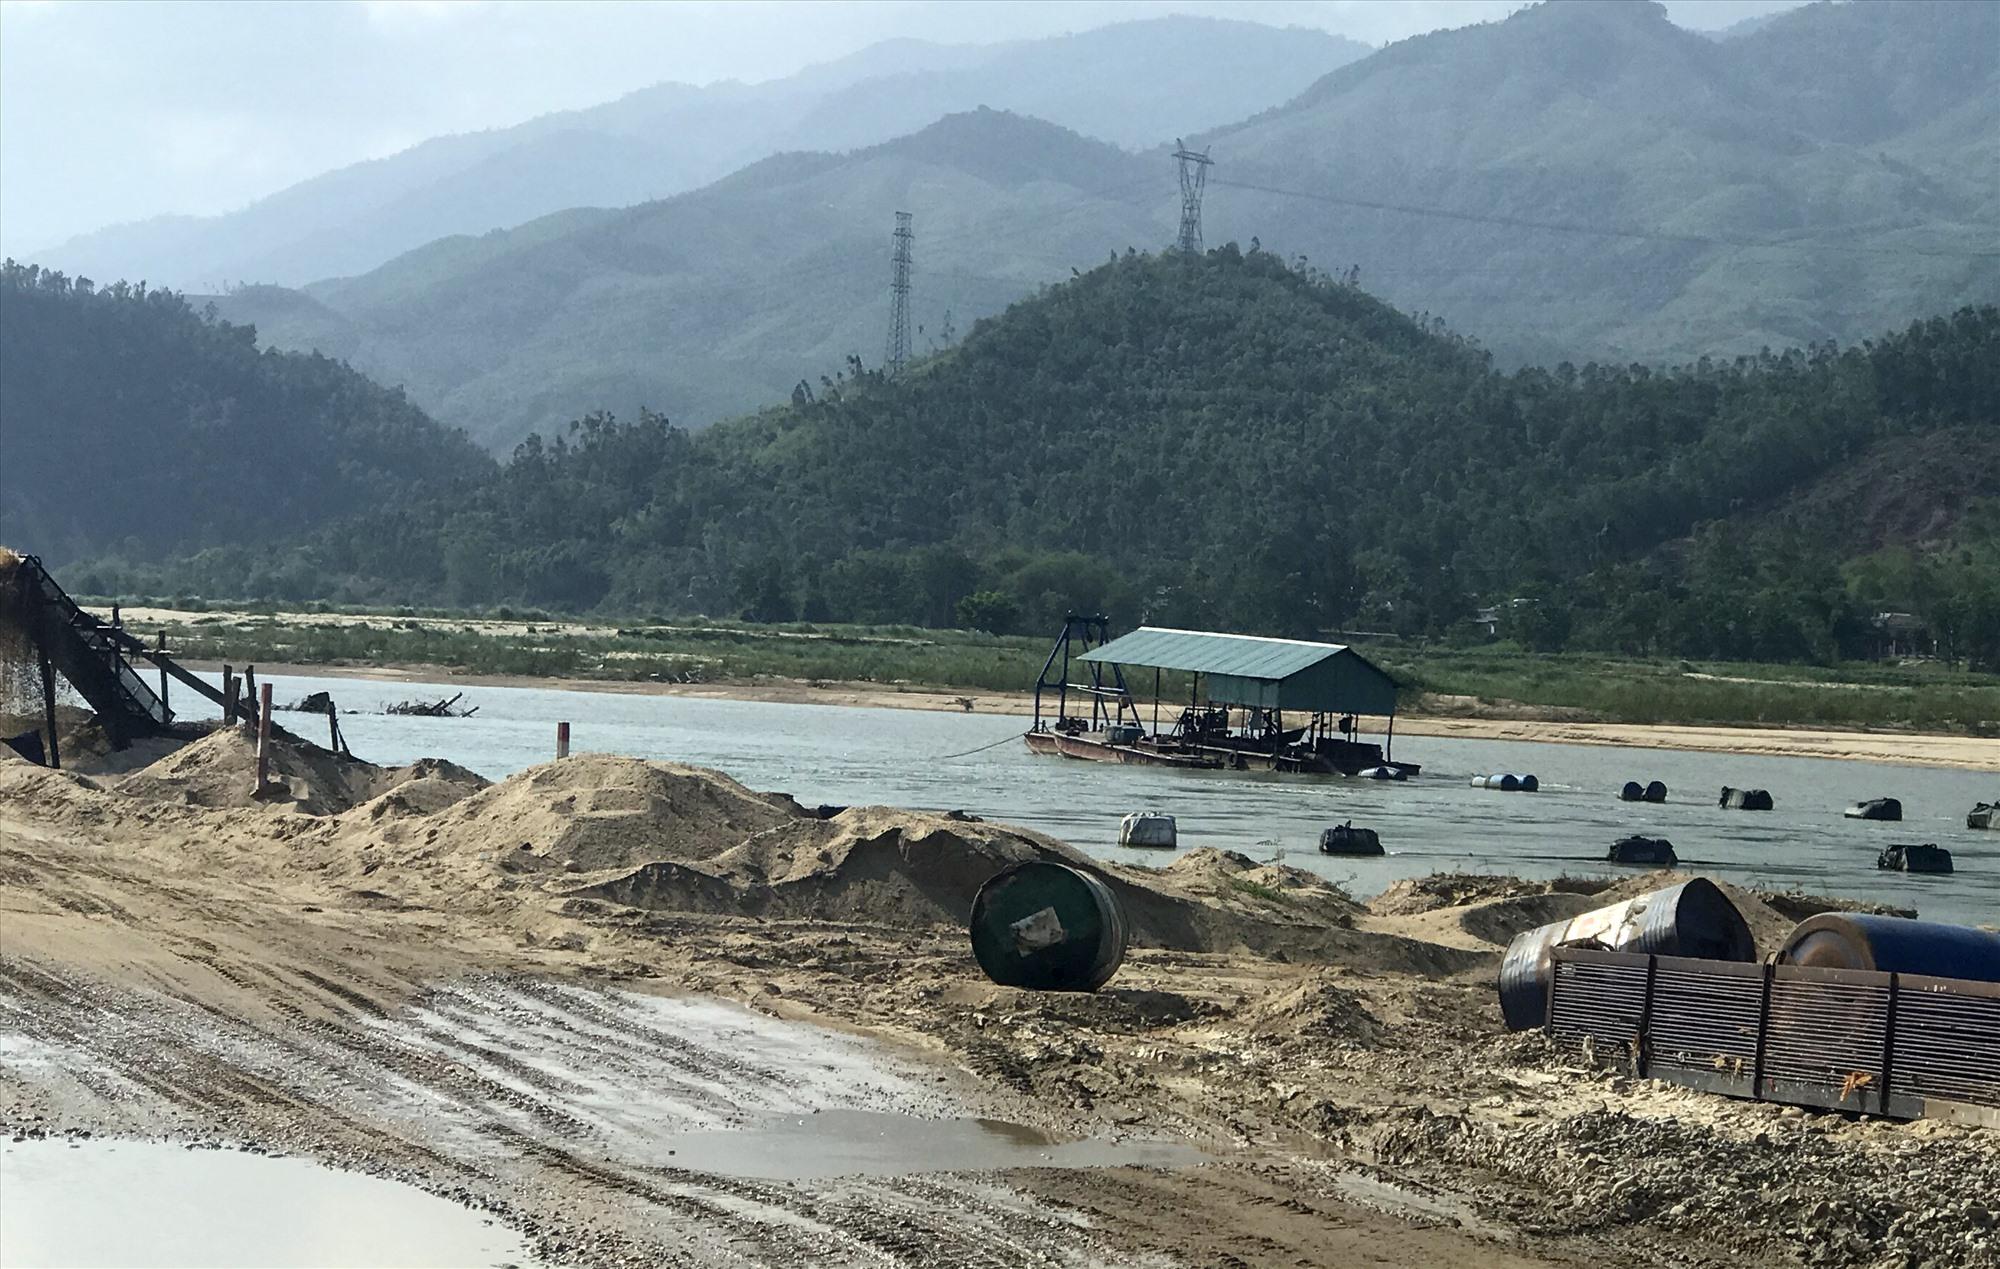 Khai thác cát sỏi lòng sông Vu Gia, đoạn xã Đại Đồng (Đại Lộc). Ảnh: T.H